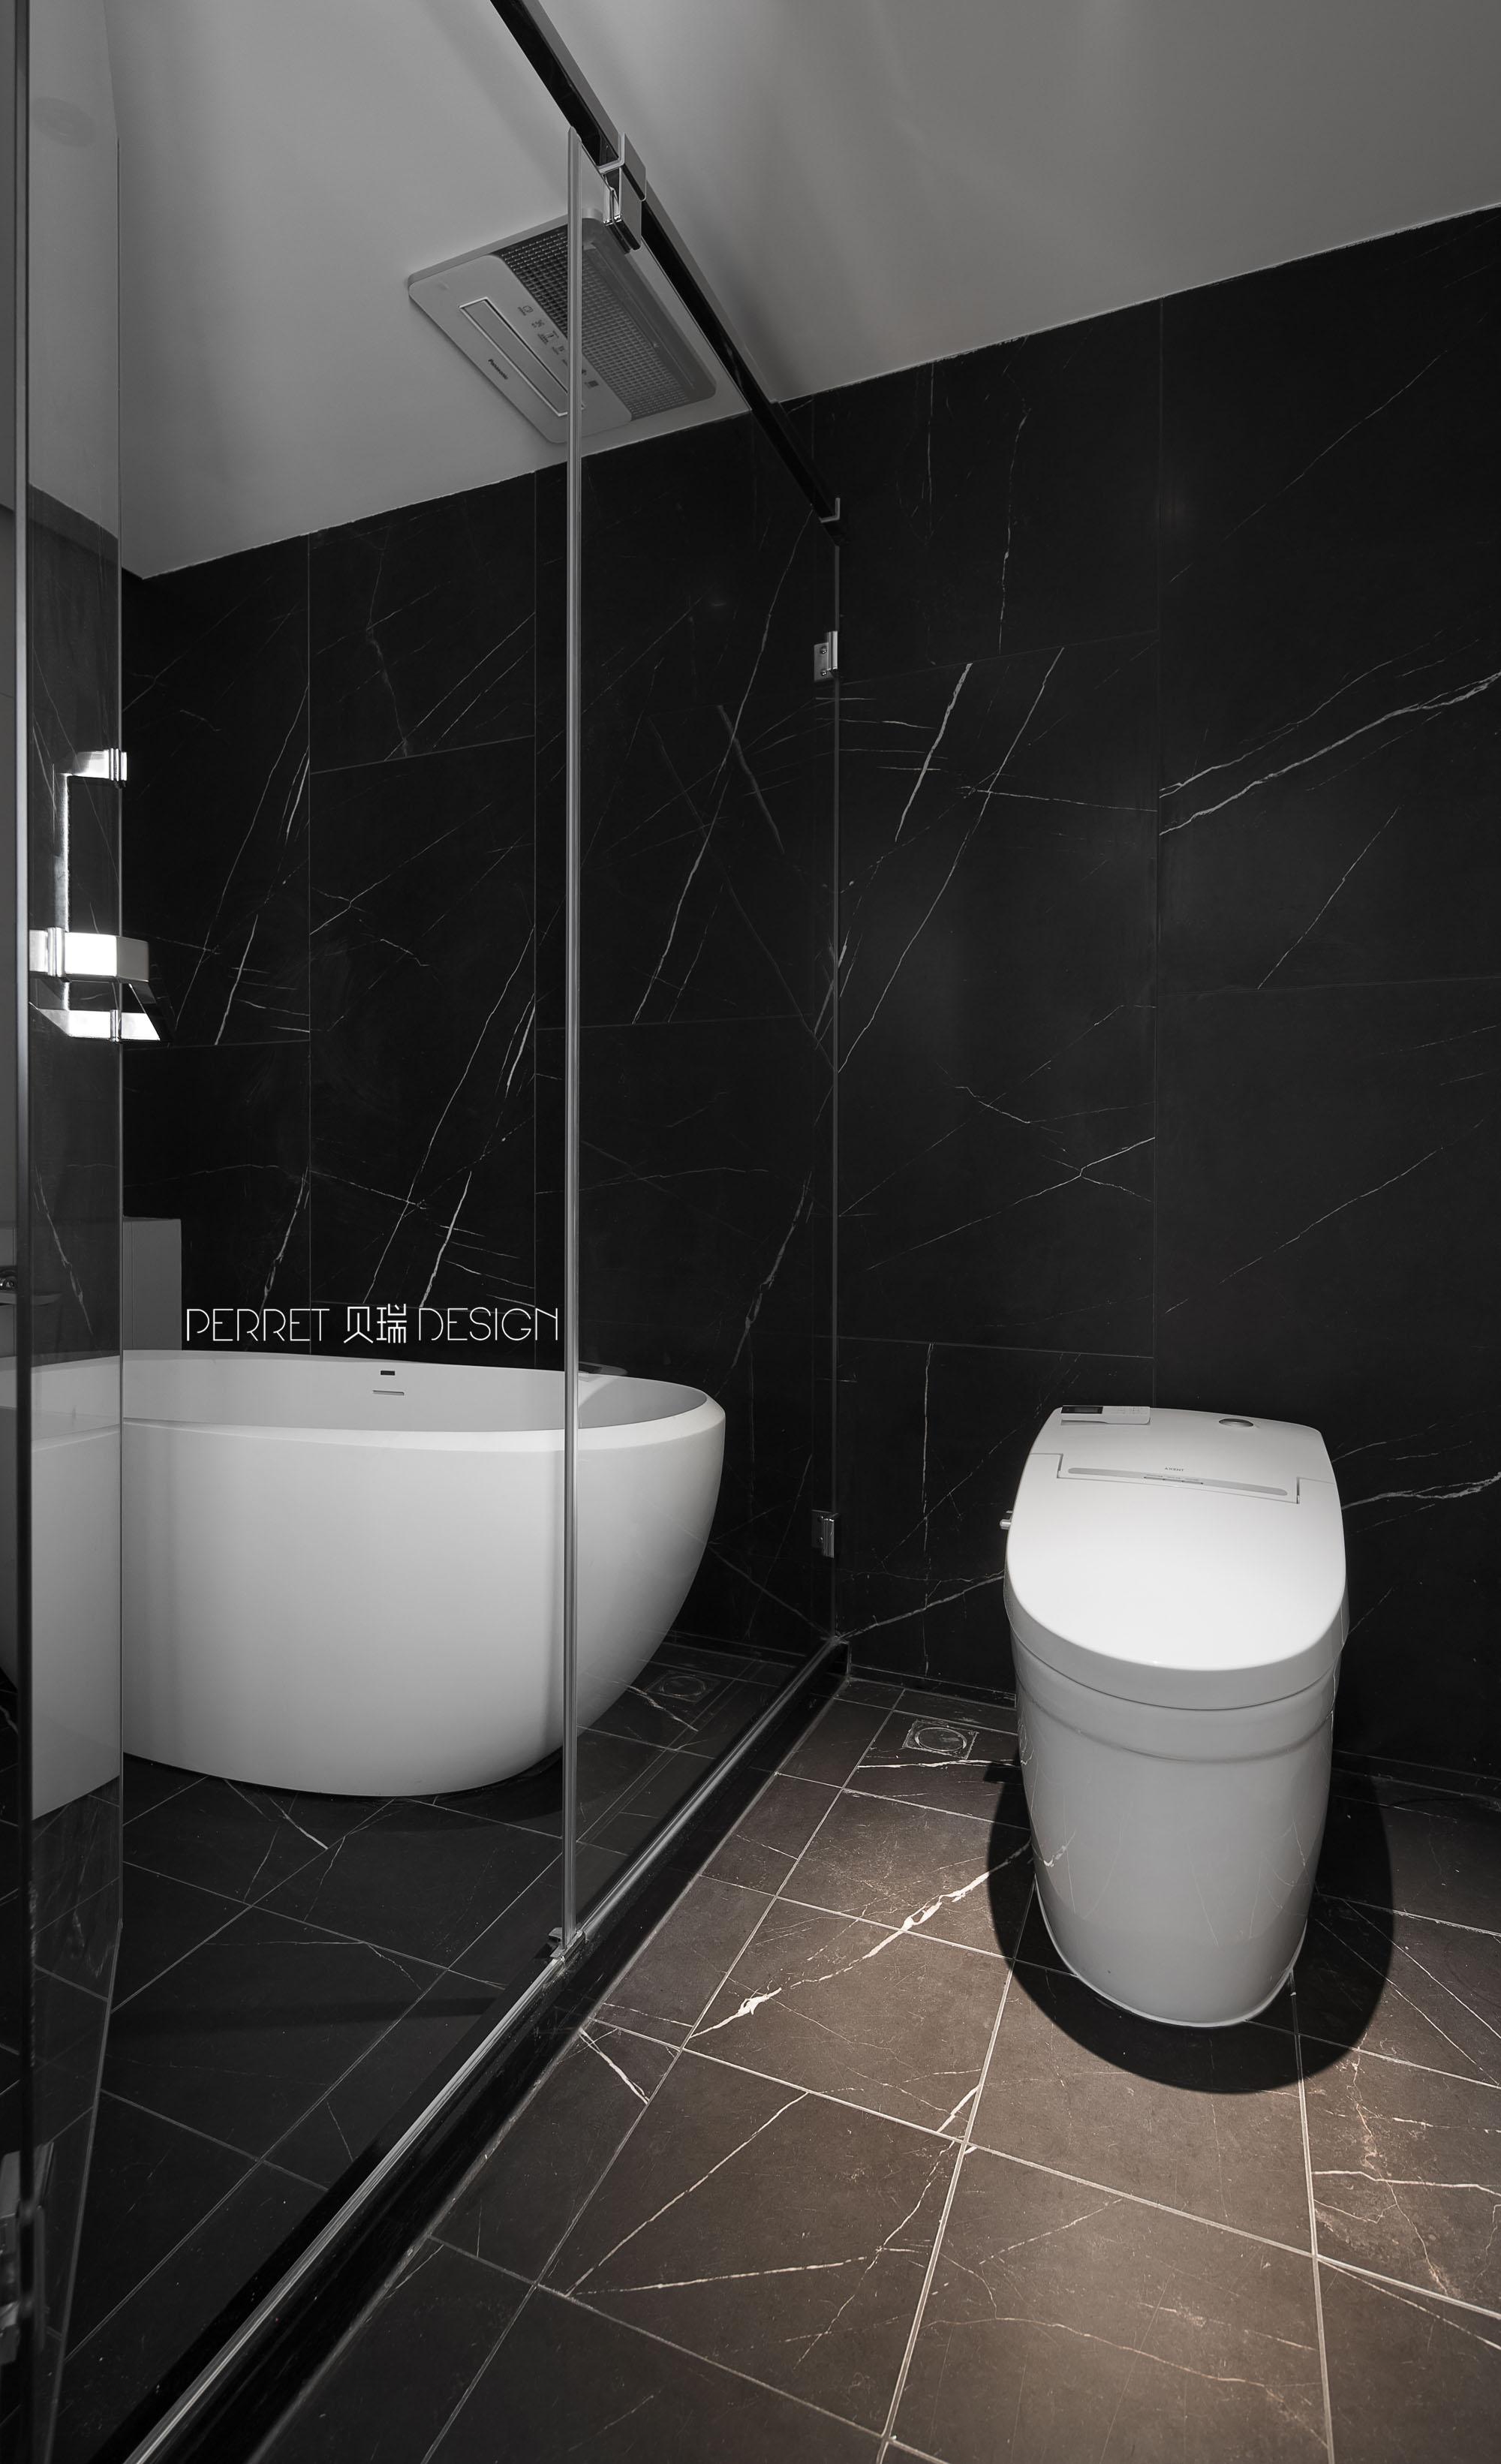 卫生间 禅意空间 贝瑞设计 简约空间 苏州设计师 卫生间图片来自展小宁在我心素已闲—禅意的佛系居所的分享